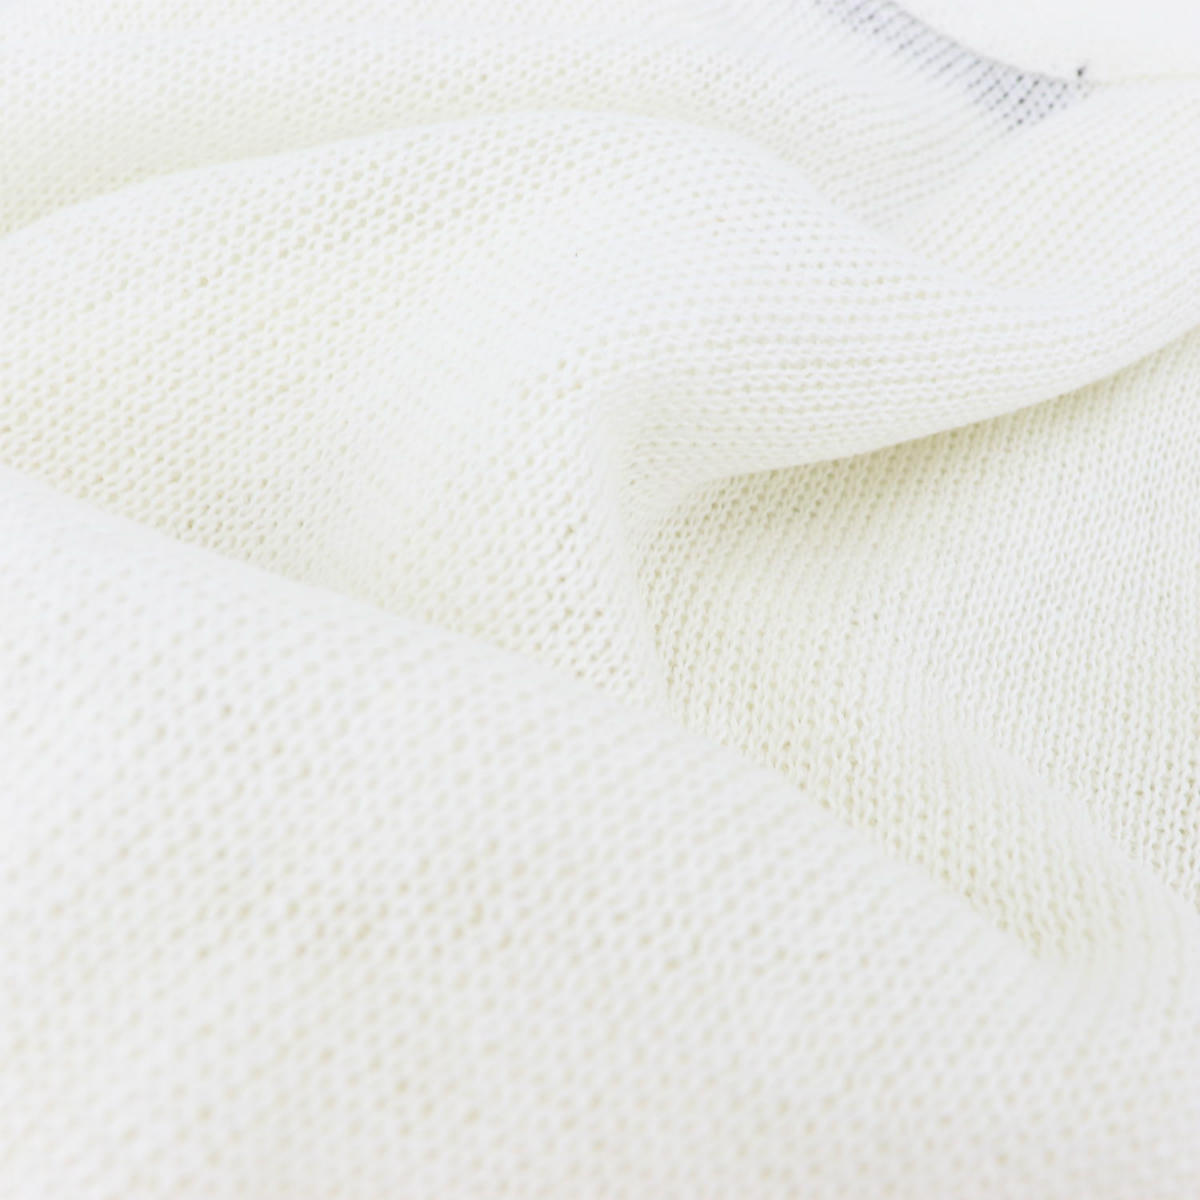 リナシェンテ RINASCENTE メンズ リネン サマーニットカーディガン 6756 RST(ホワイト) 春夏新作